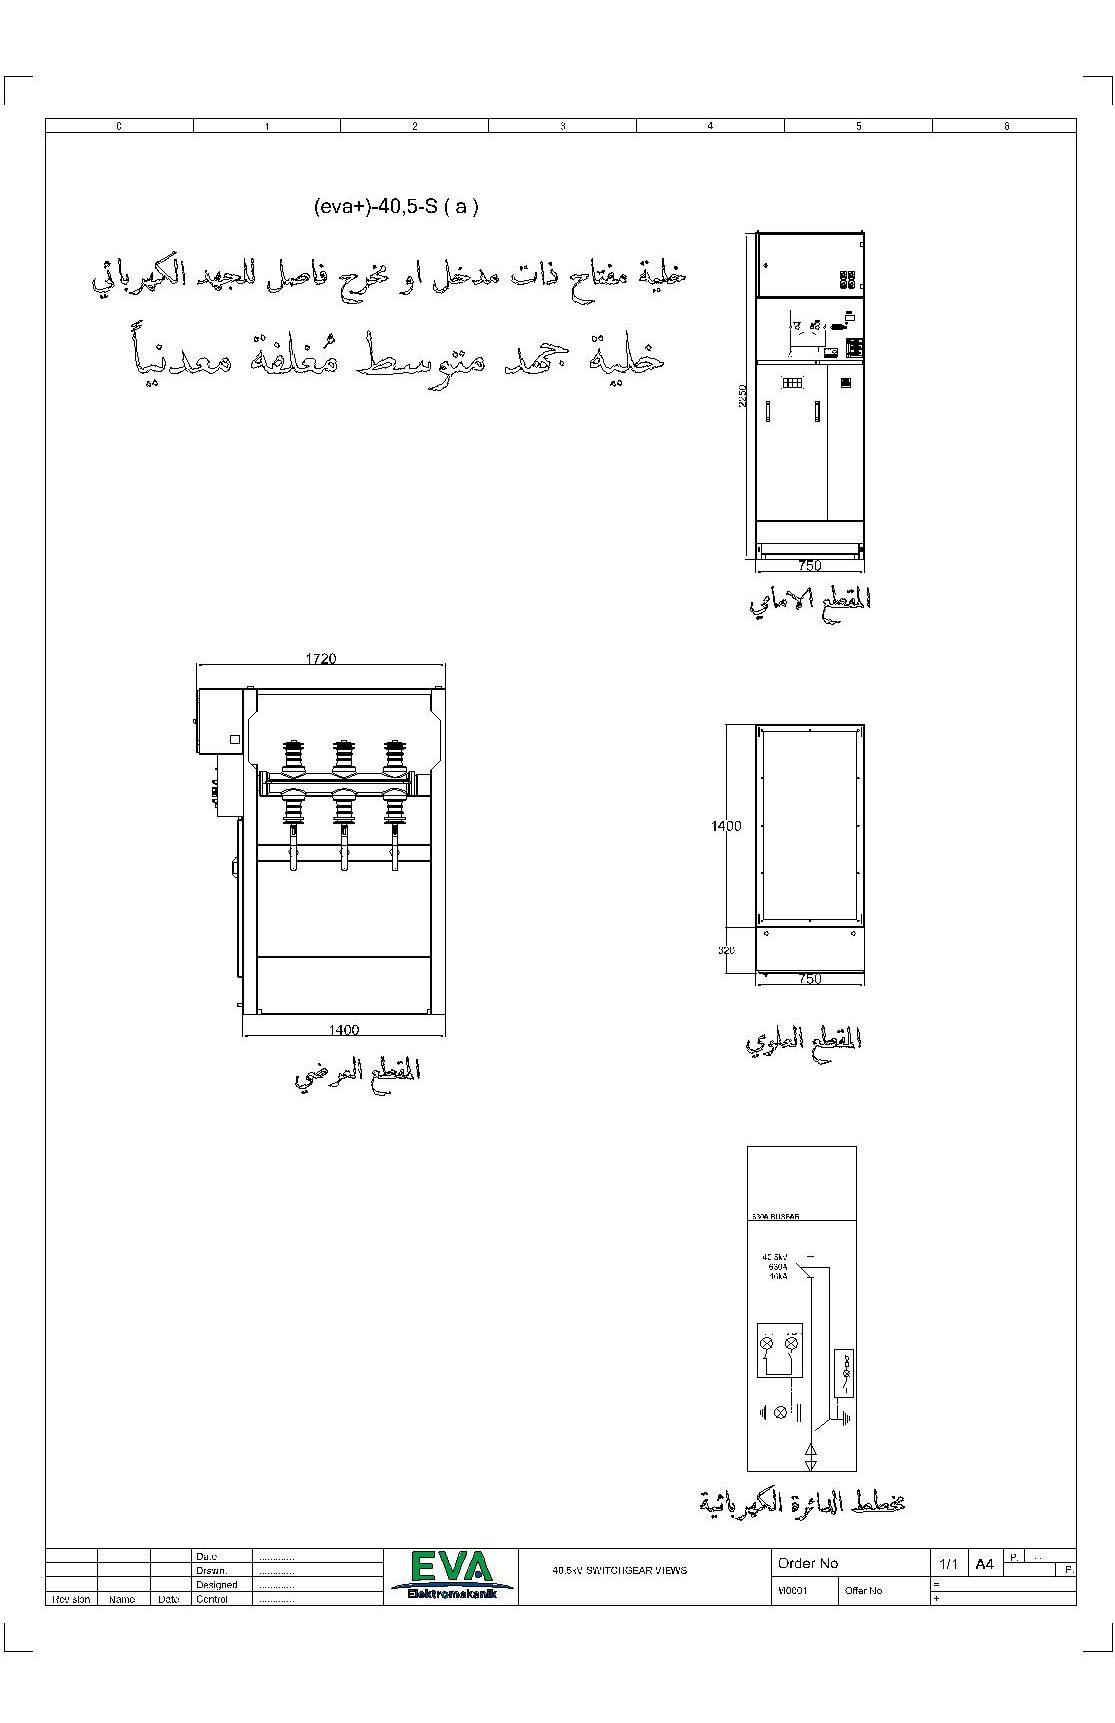 خلية مفتاح ذات مدخل او مخرج فاصل للجهد الكهربائي